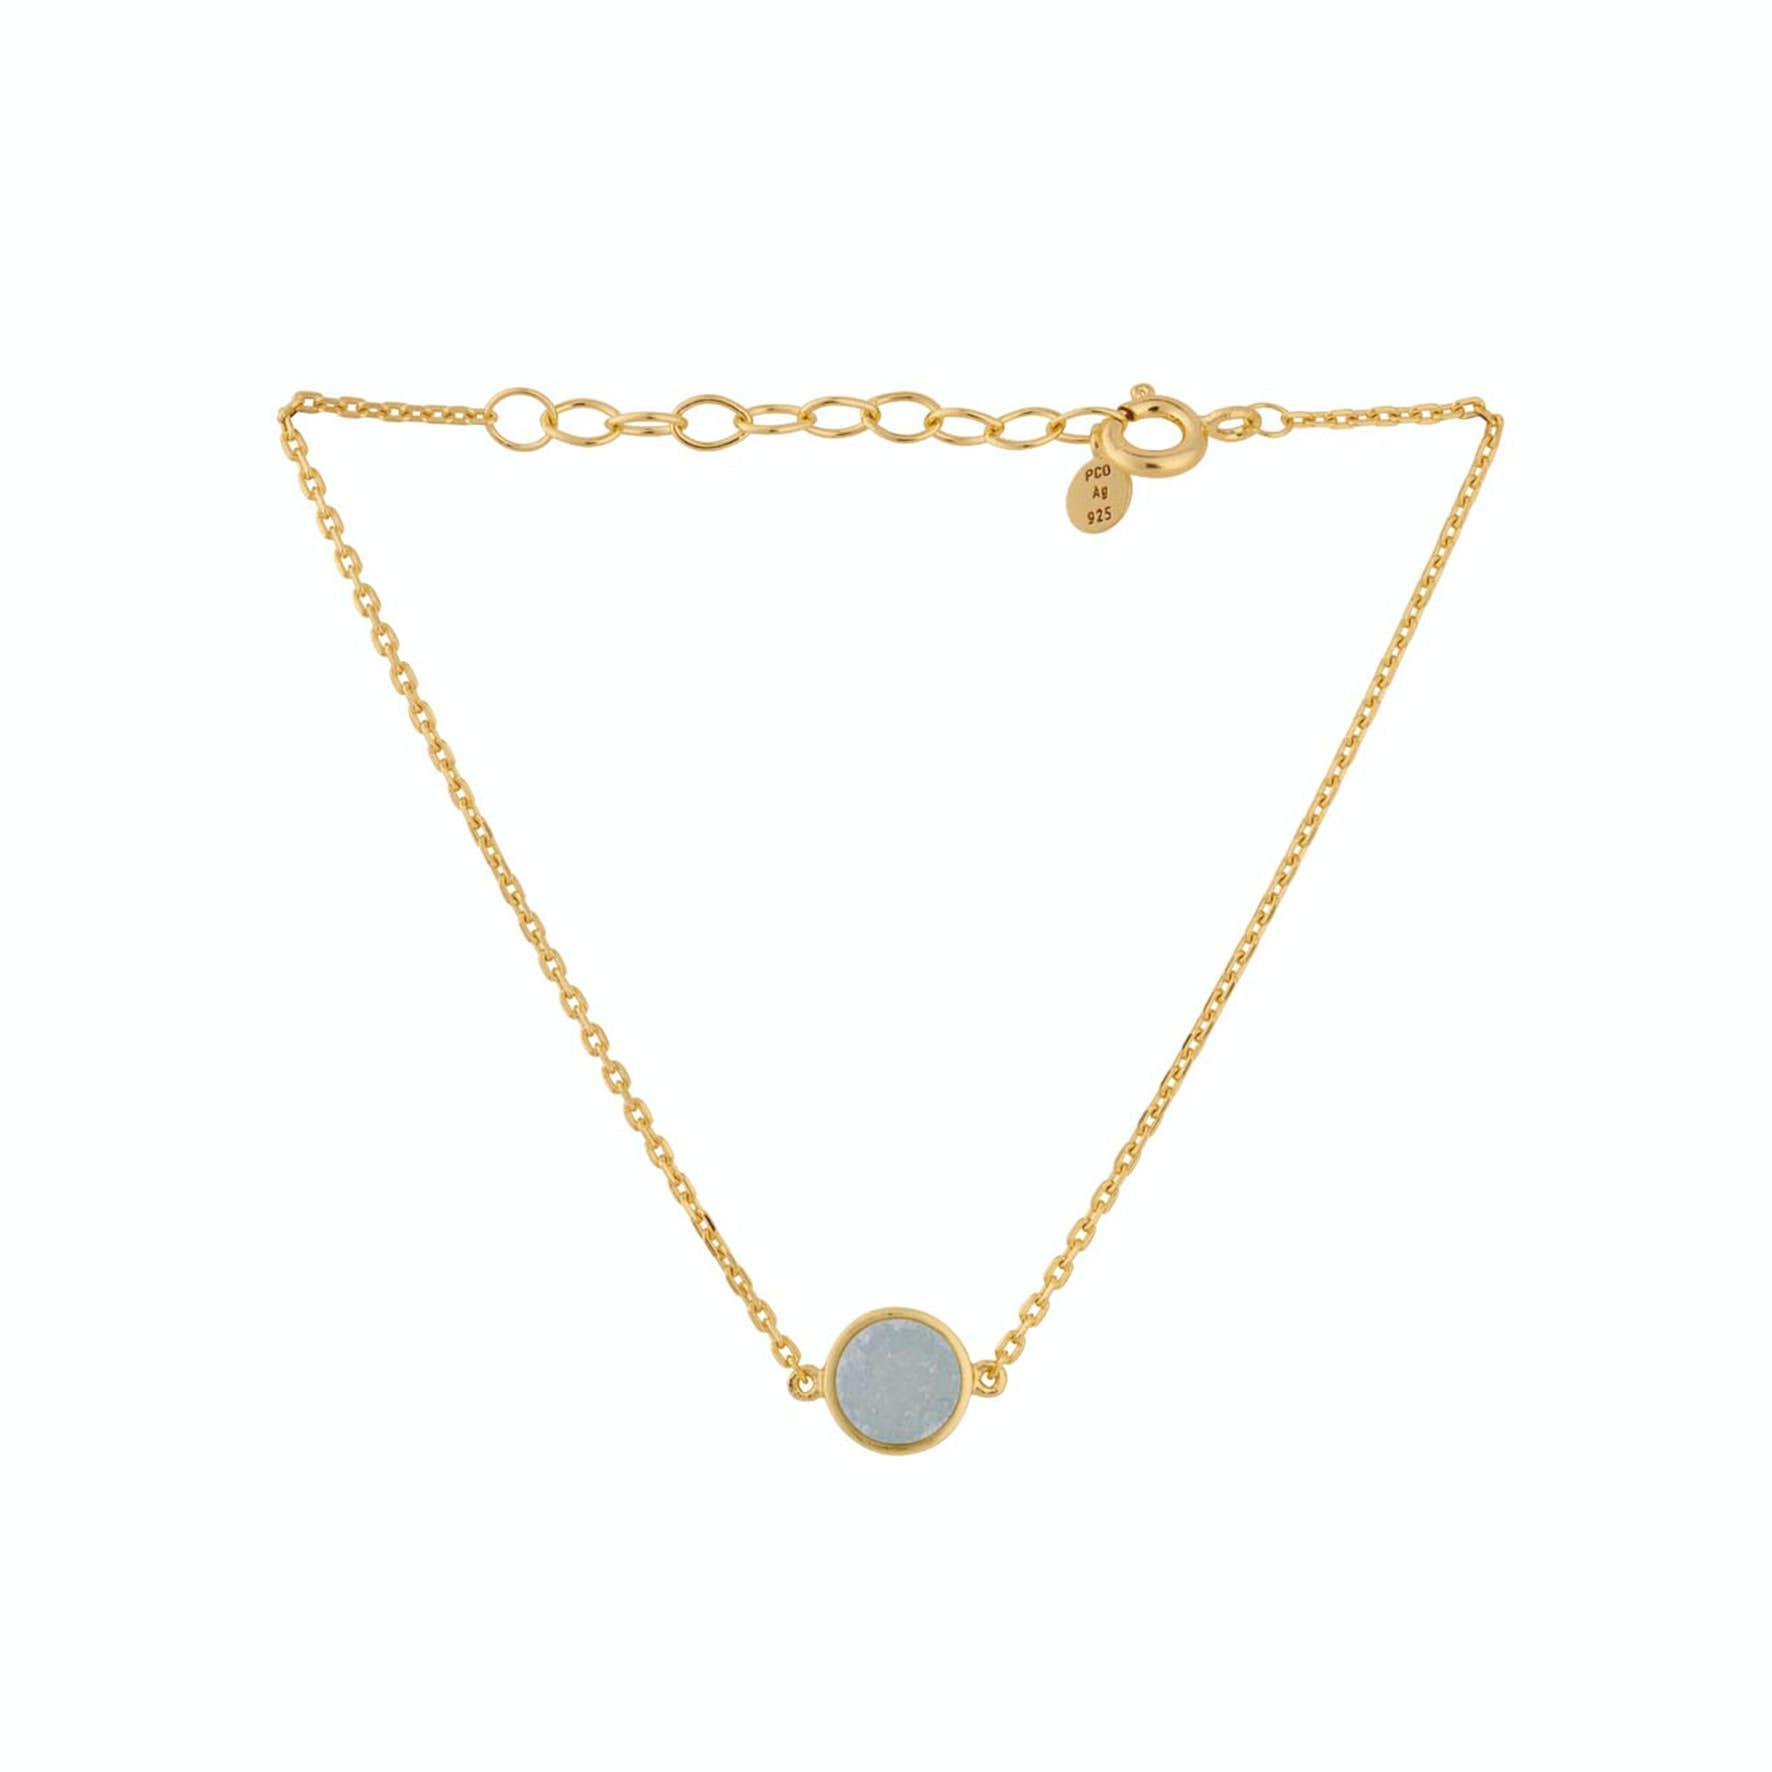 Shallow Bracelet von Pernille Corydon in Vergoldet-Silber Sterling 925